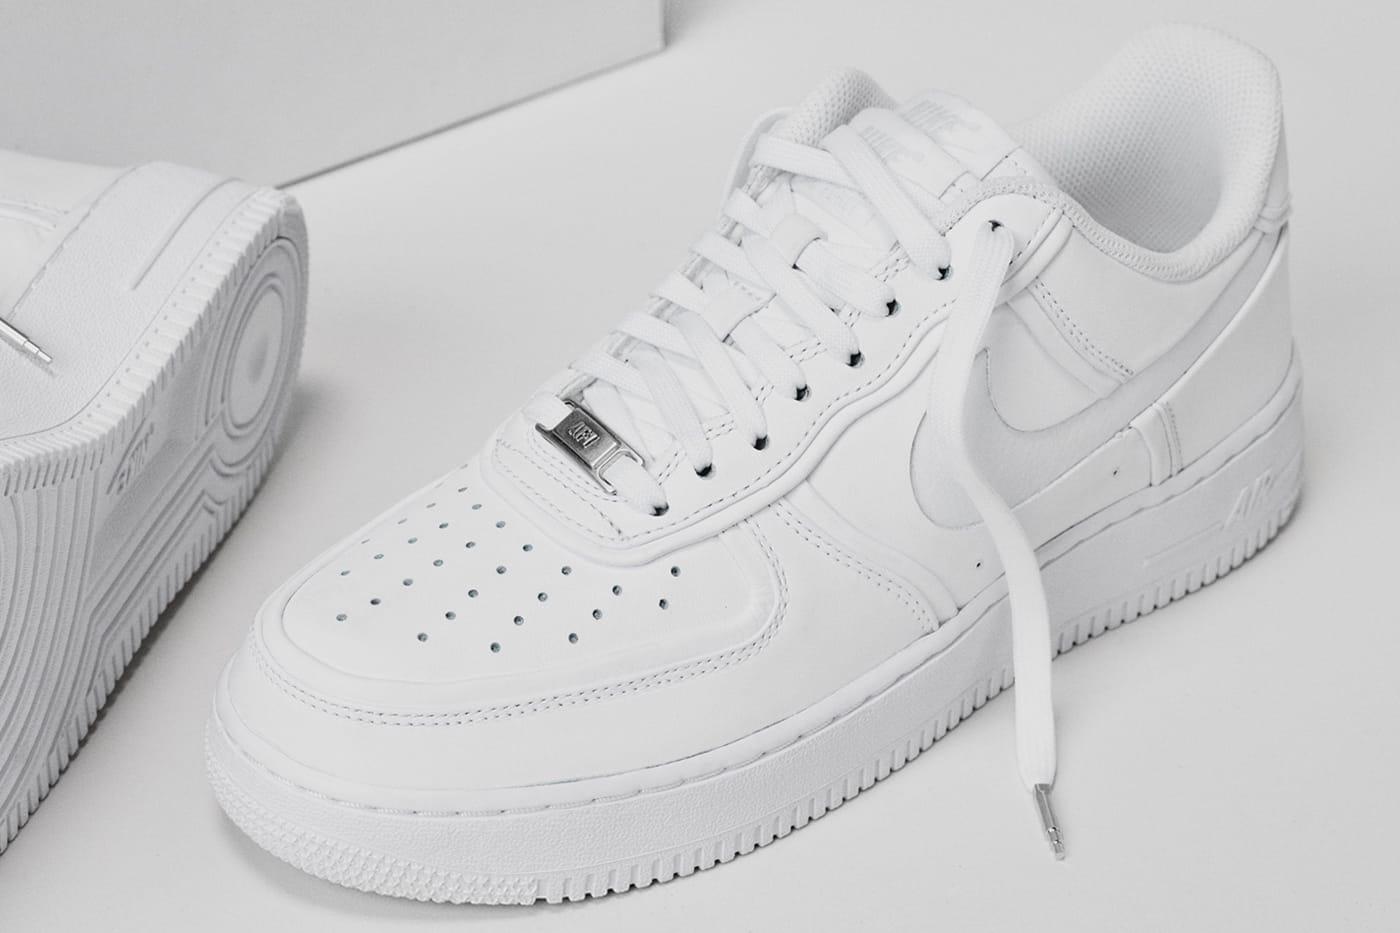 Nike air force 1 basse Sneakers John Elliott Nike Amazoncom John Elliott Nike Air Force Low Release Date Hypebeast